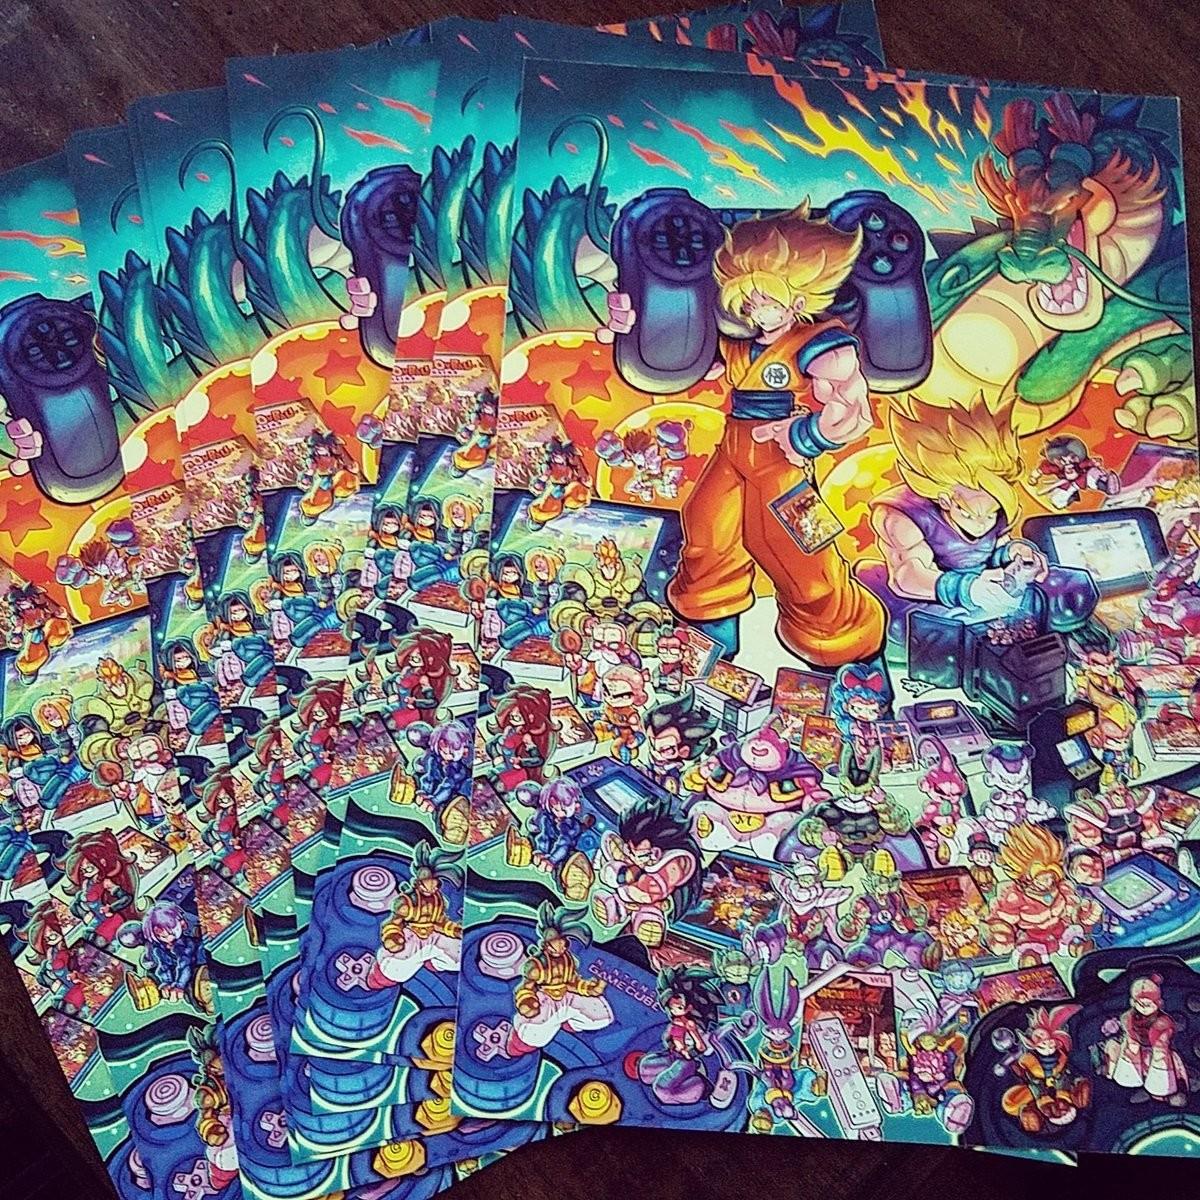 Final art prints